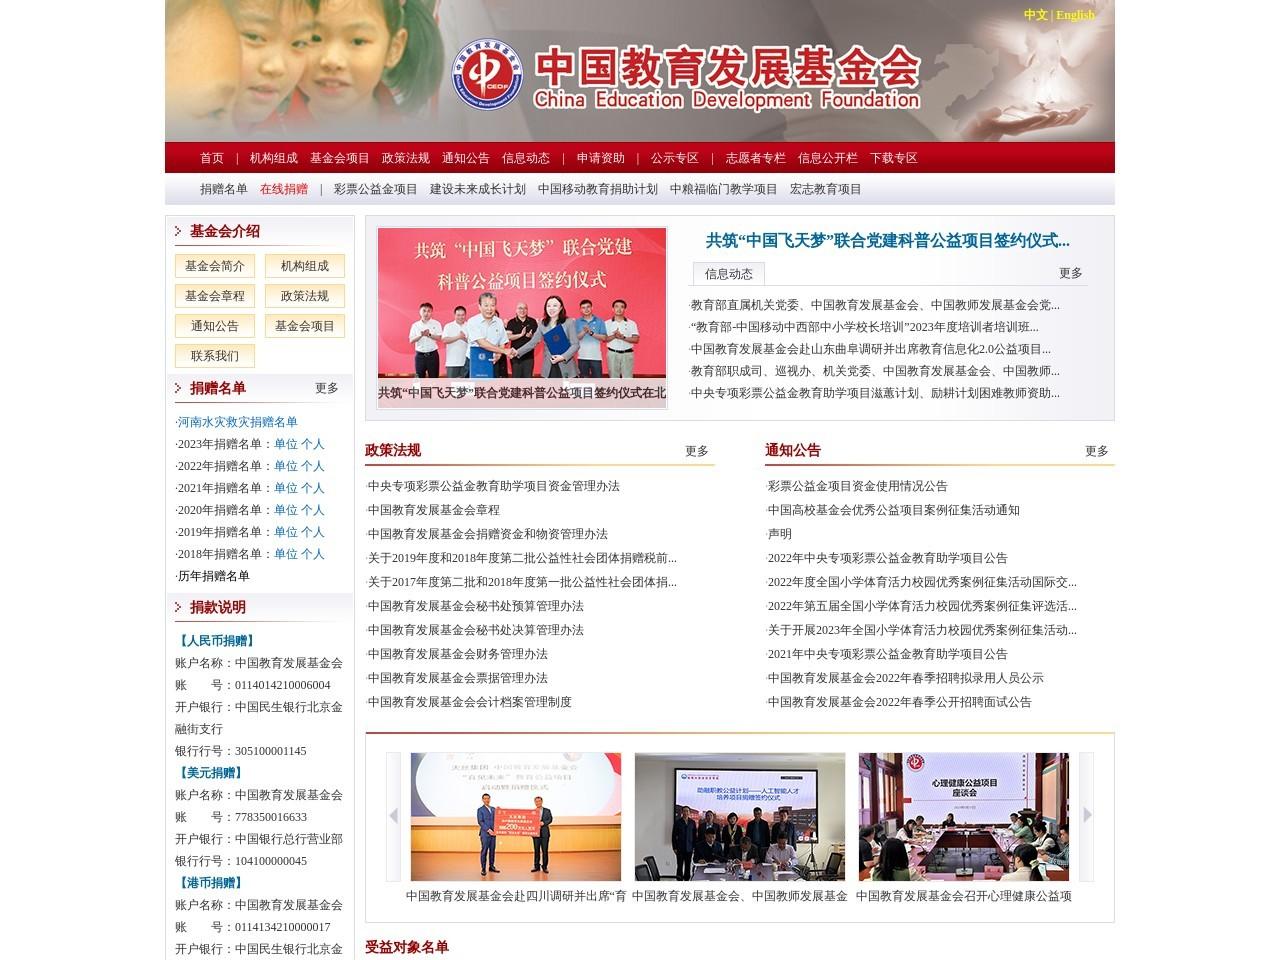 """中国教育发展基金会图片信息"""""""